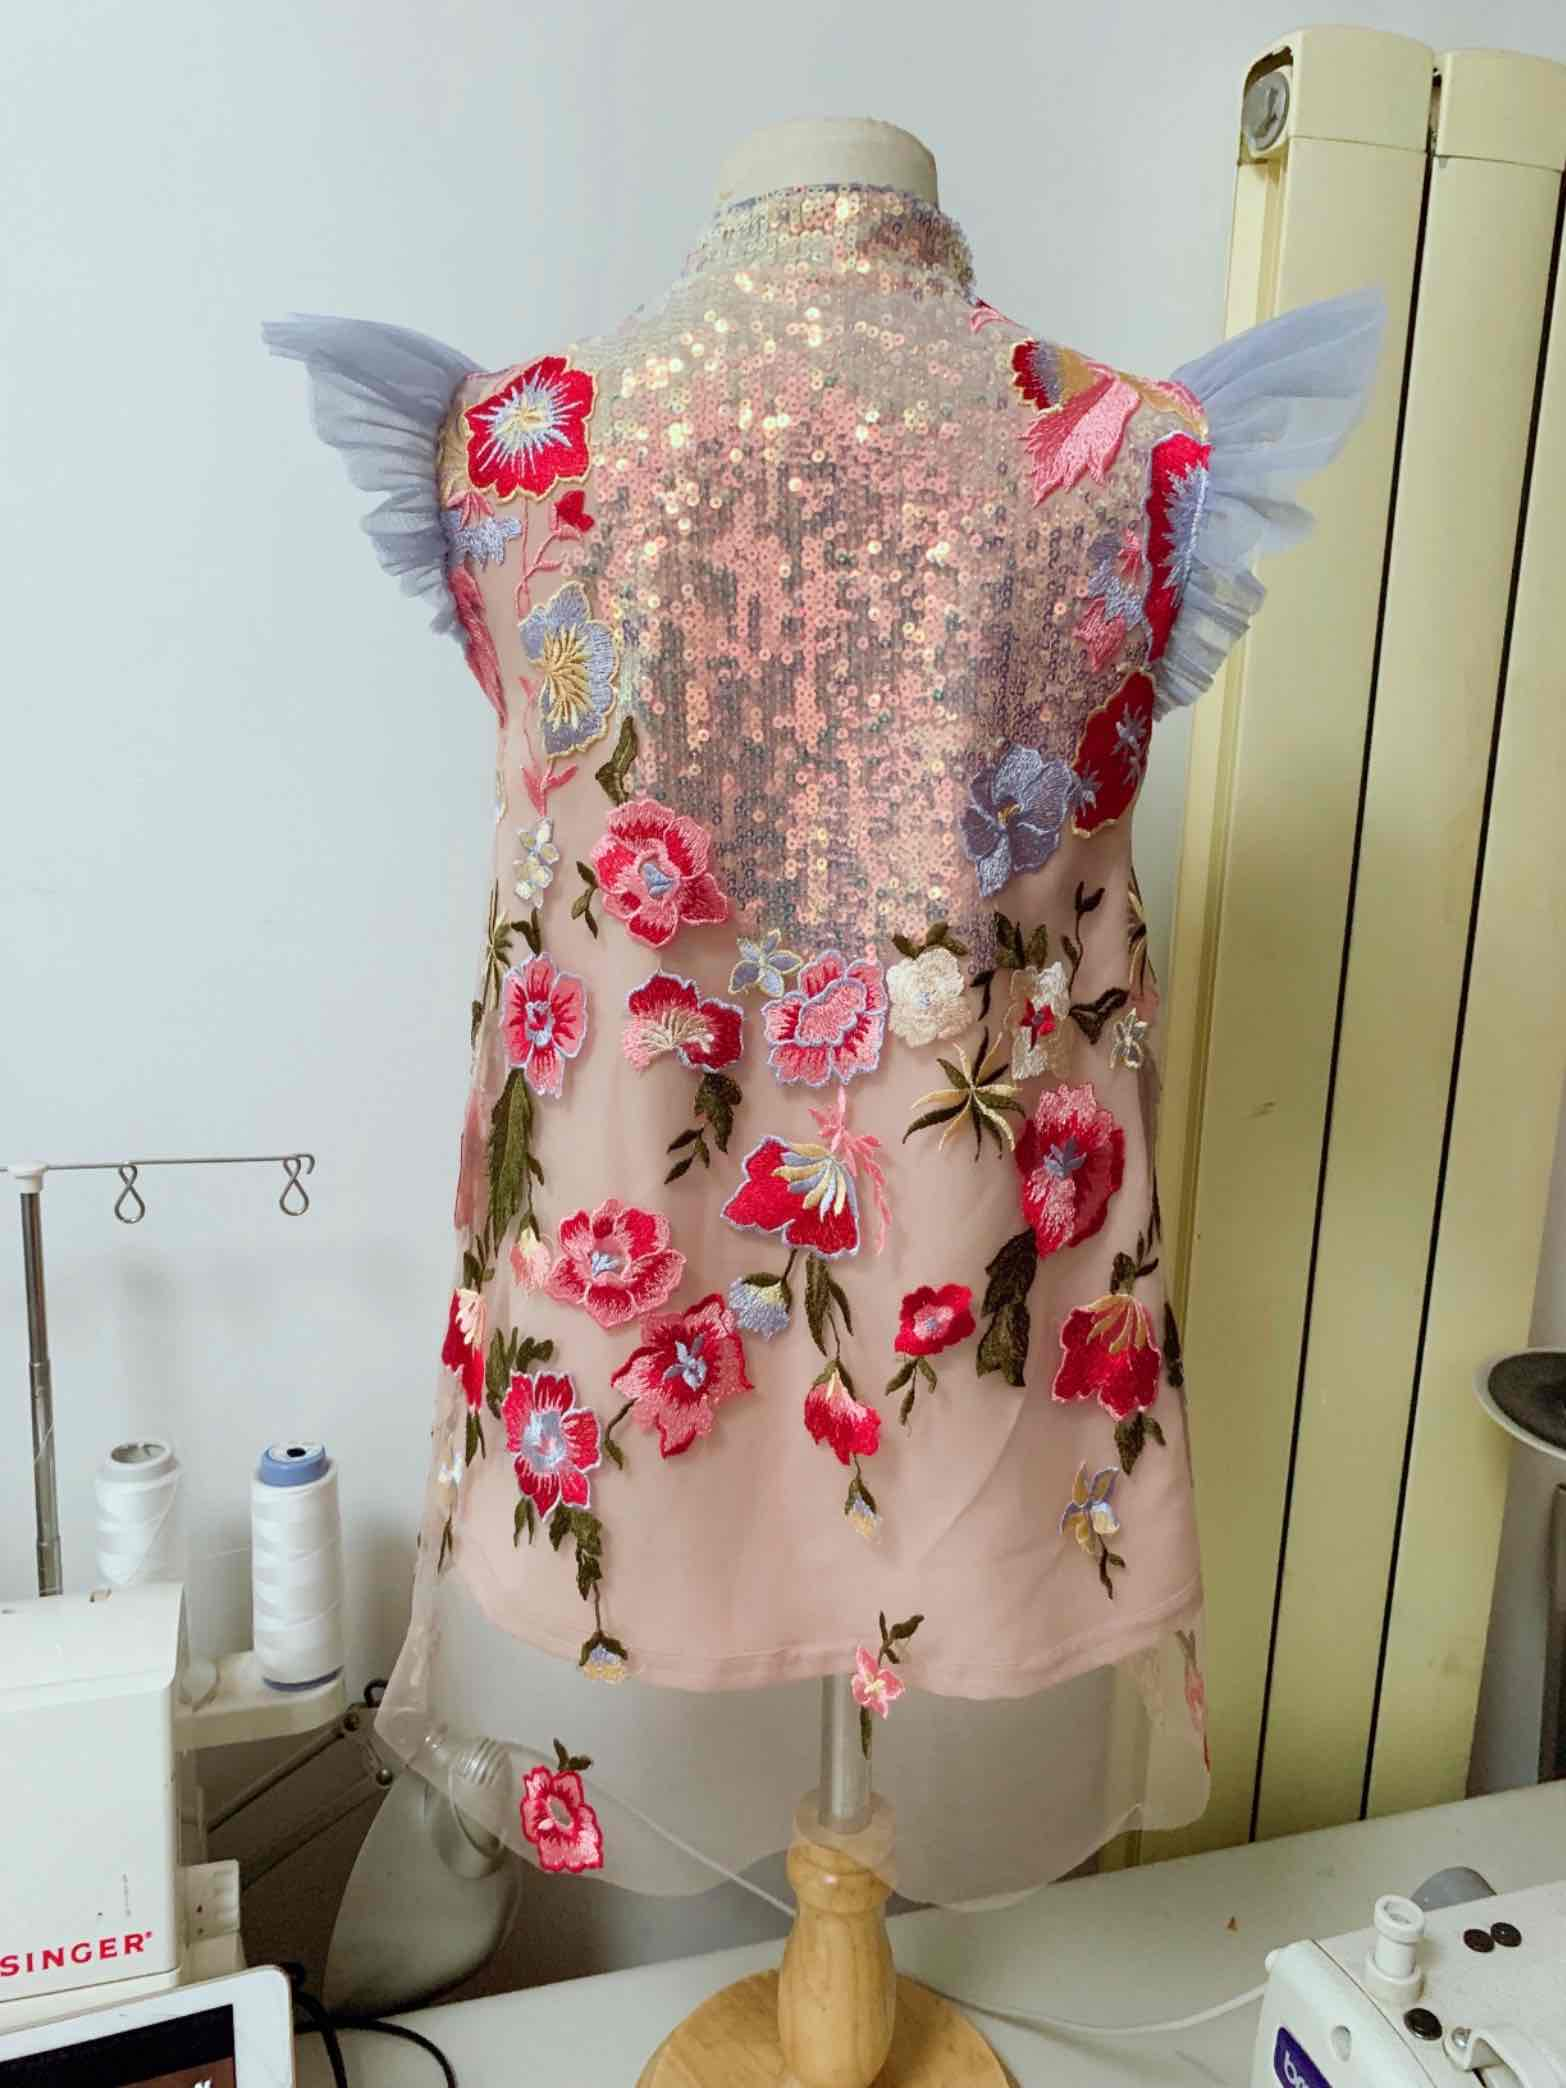 【礼物】这一件旗袍,惊艳了夏天